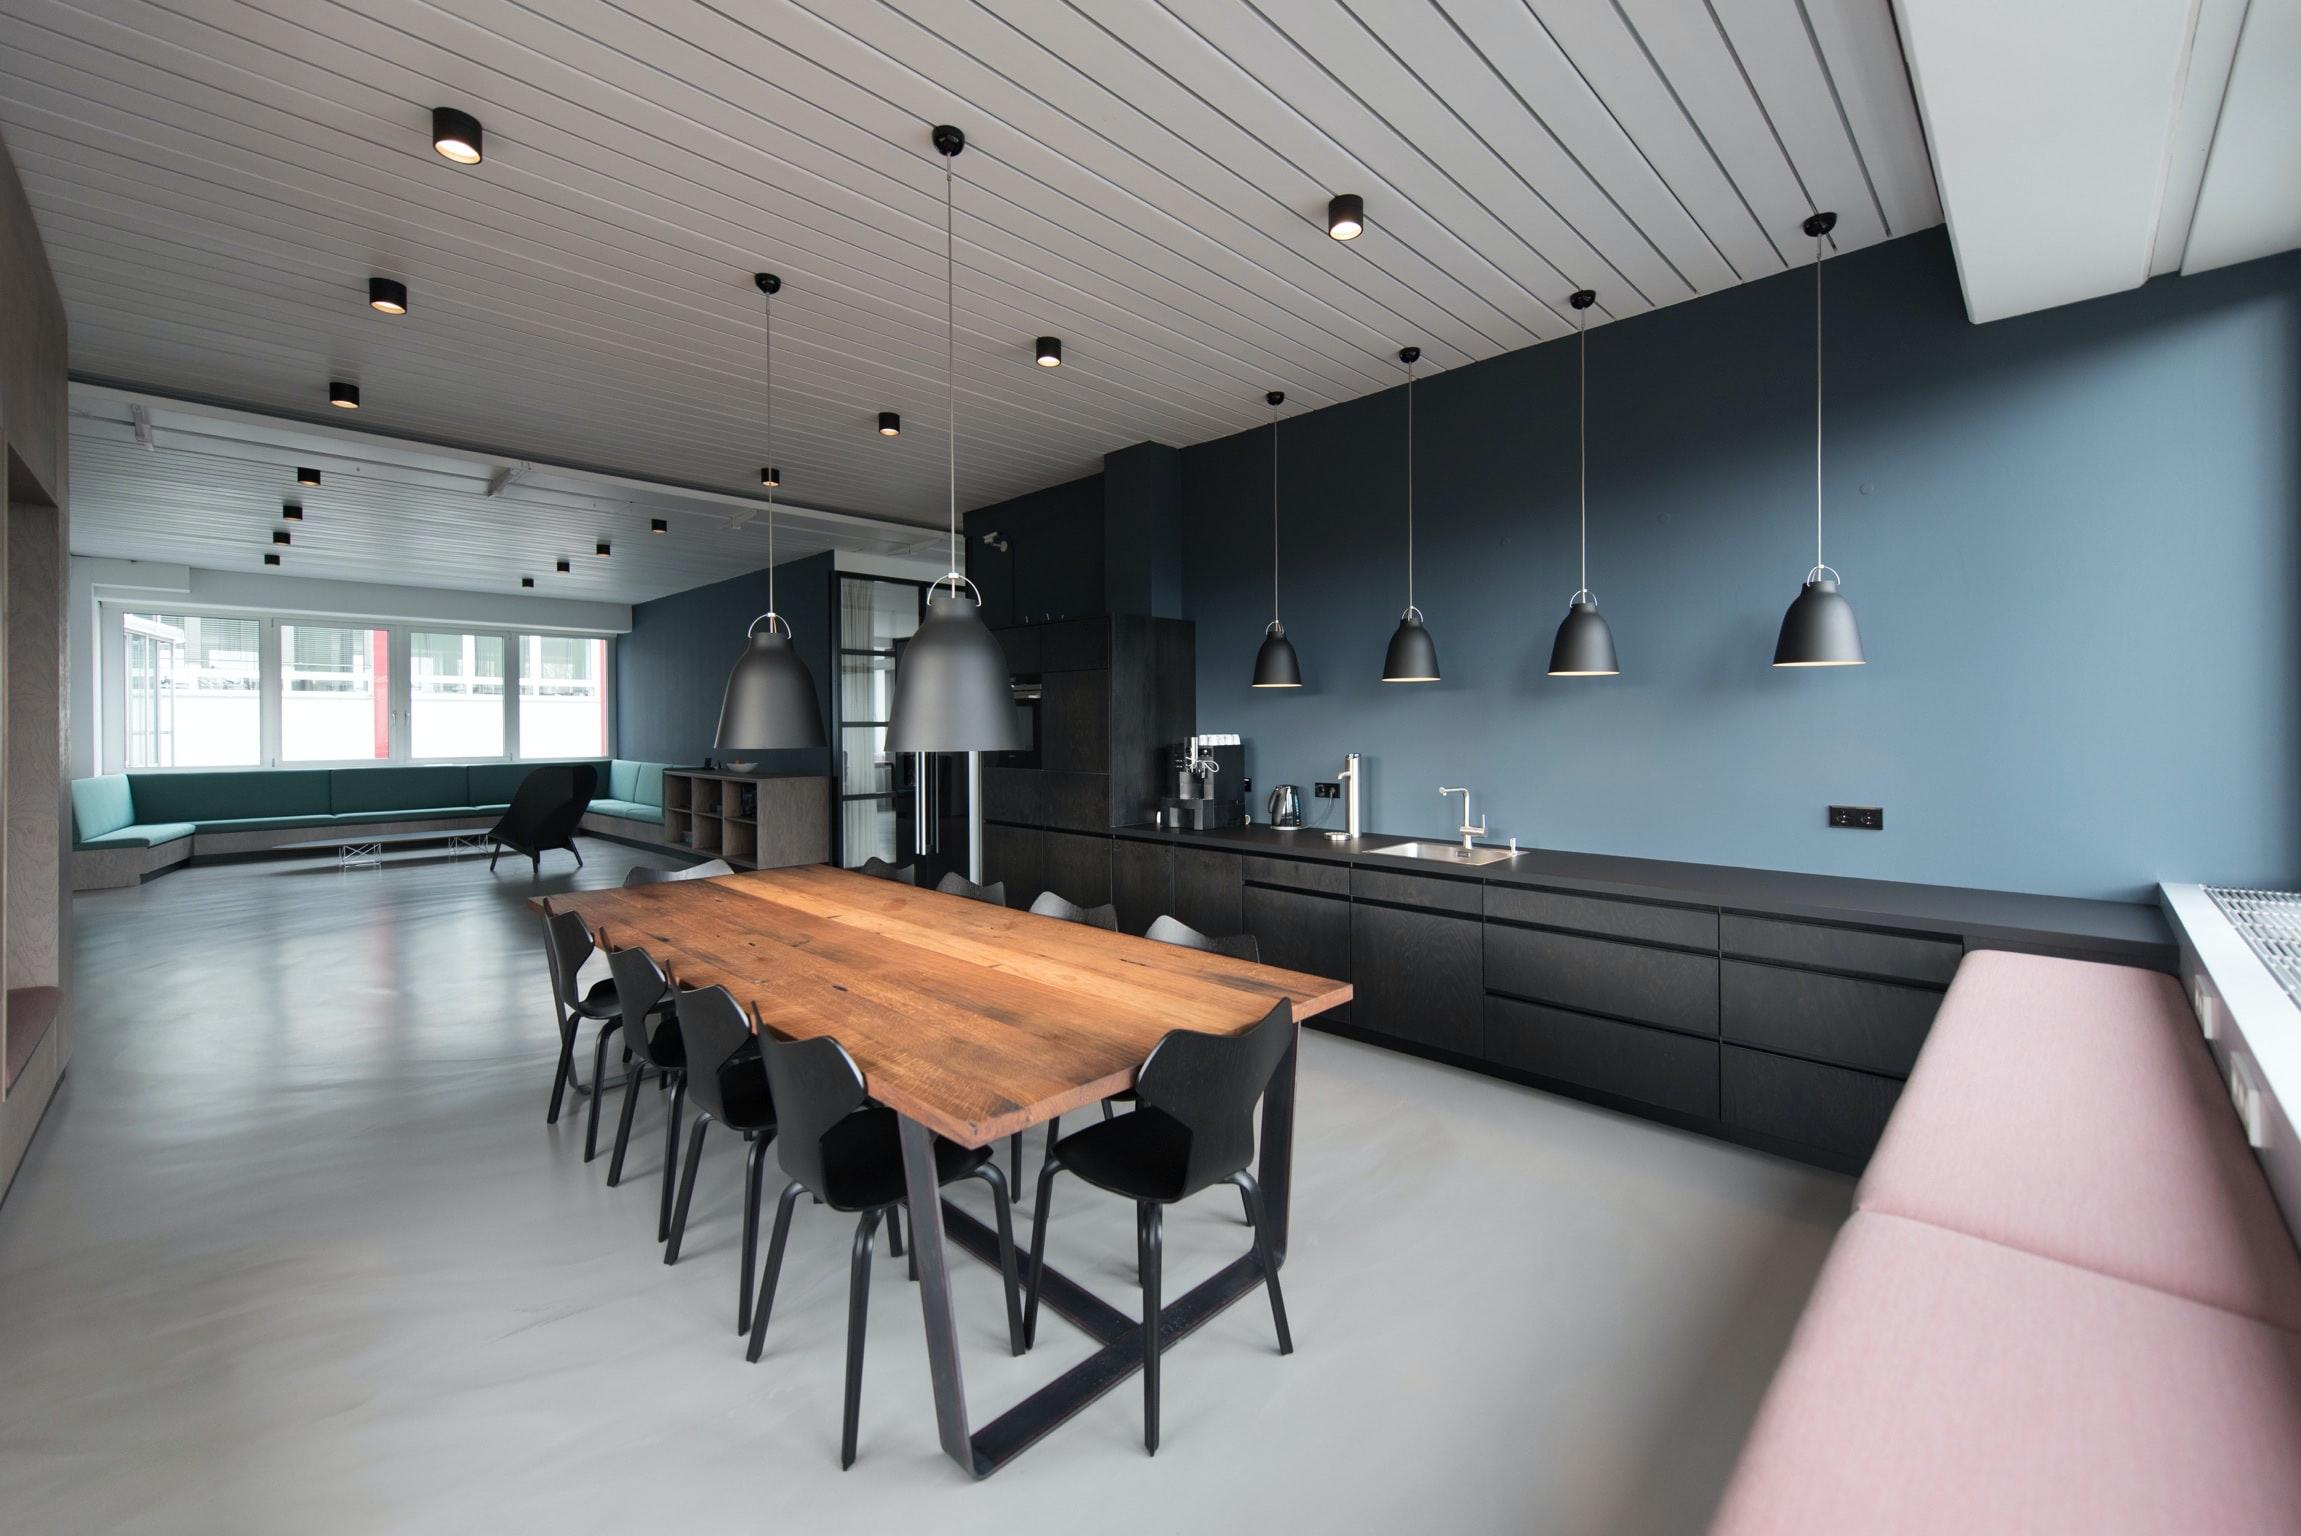 オフィスの内装デザインの考え方